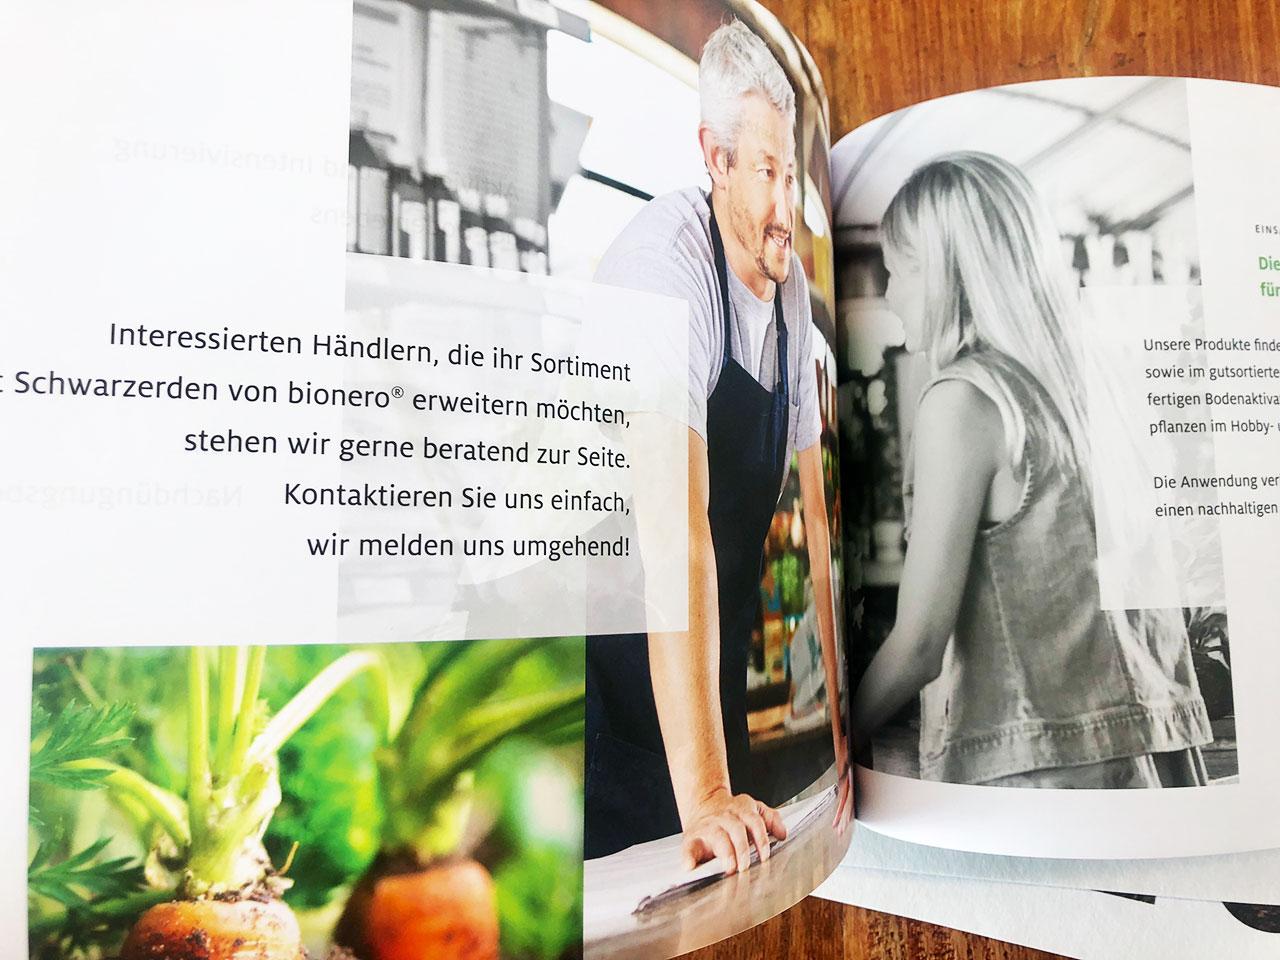 Awarded! Die bionero - Broschüre